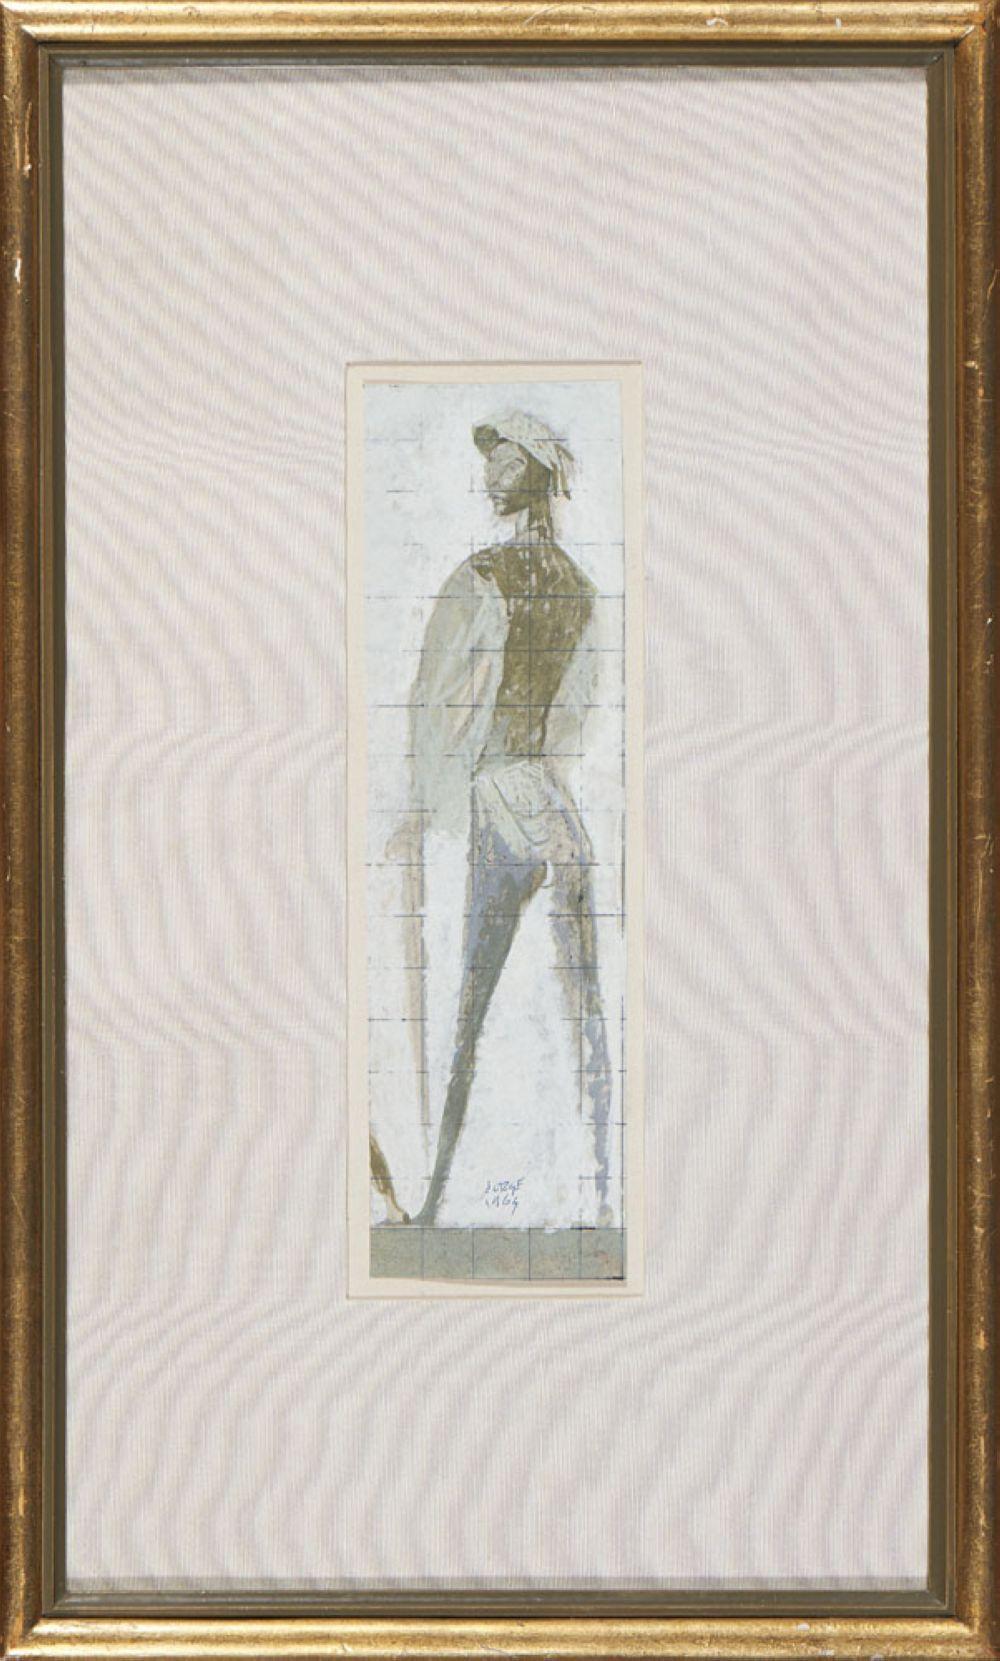 JORGE BARRADAS, GUACHE S/ PAPEL, 8 X 26 CM